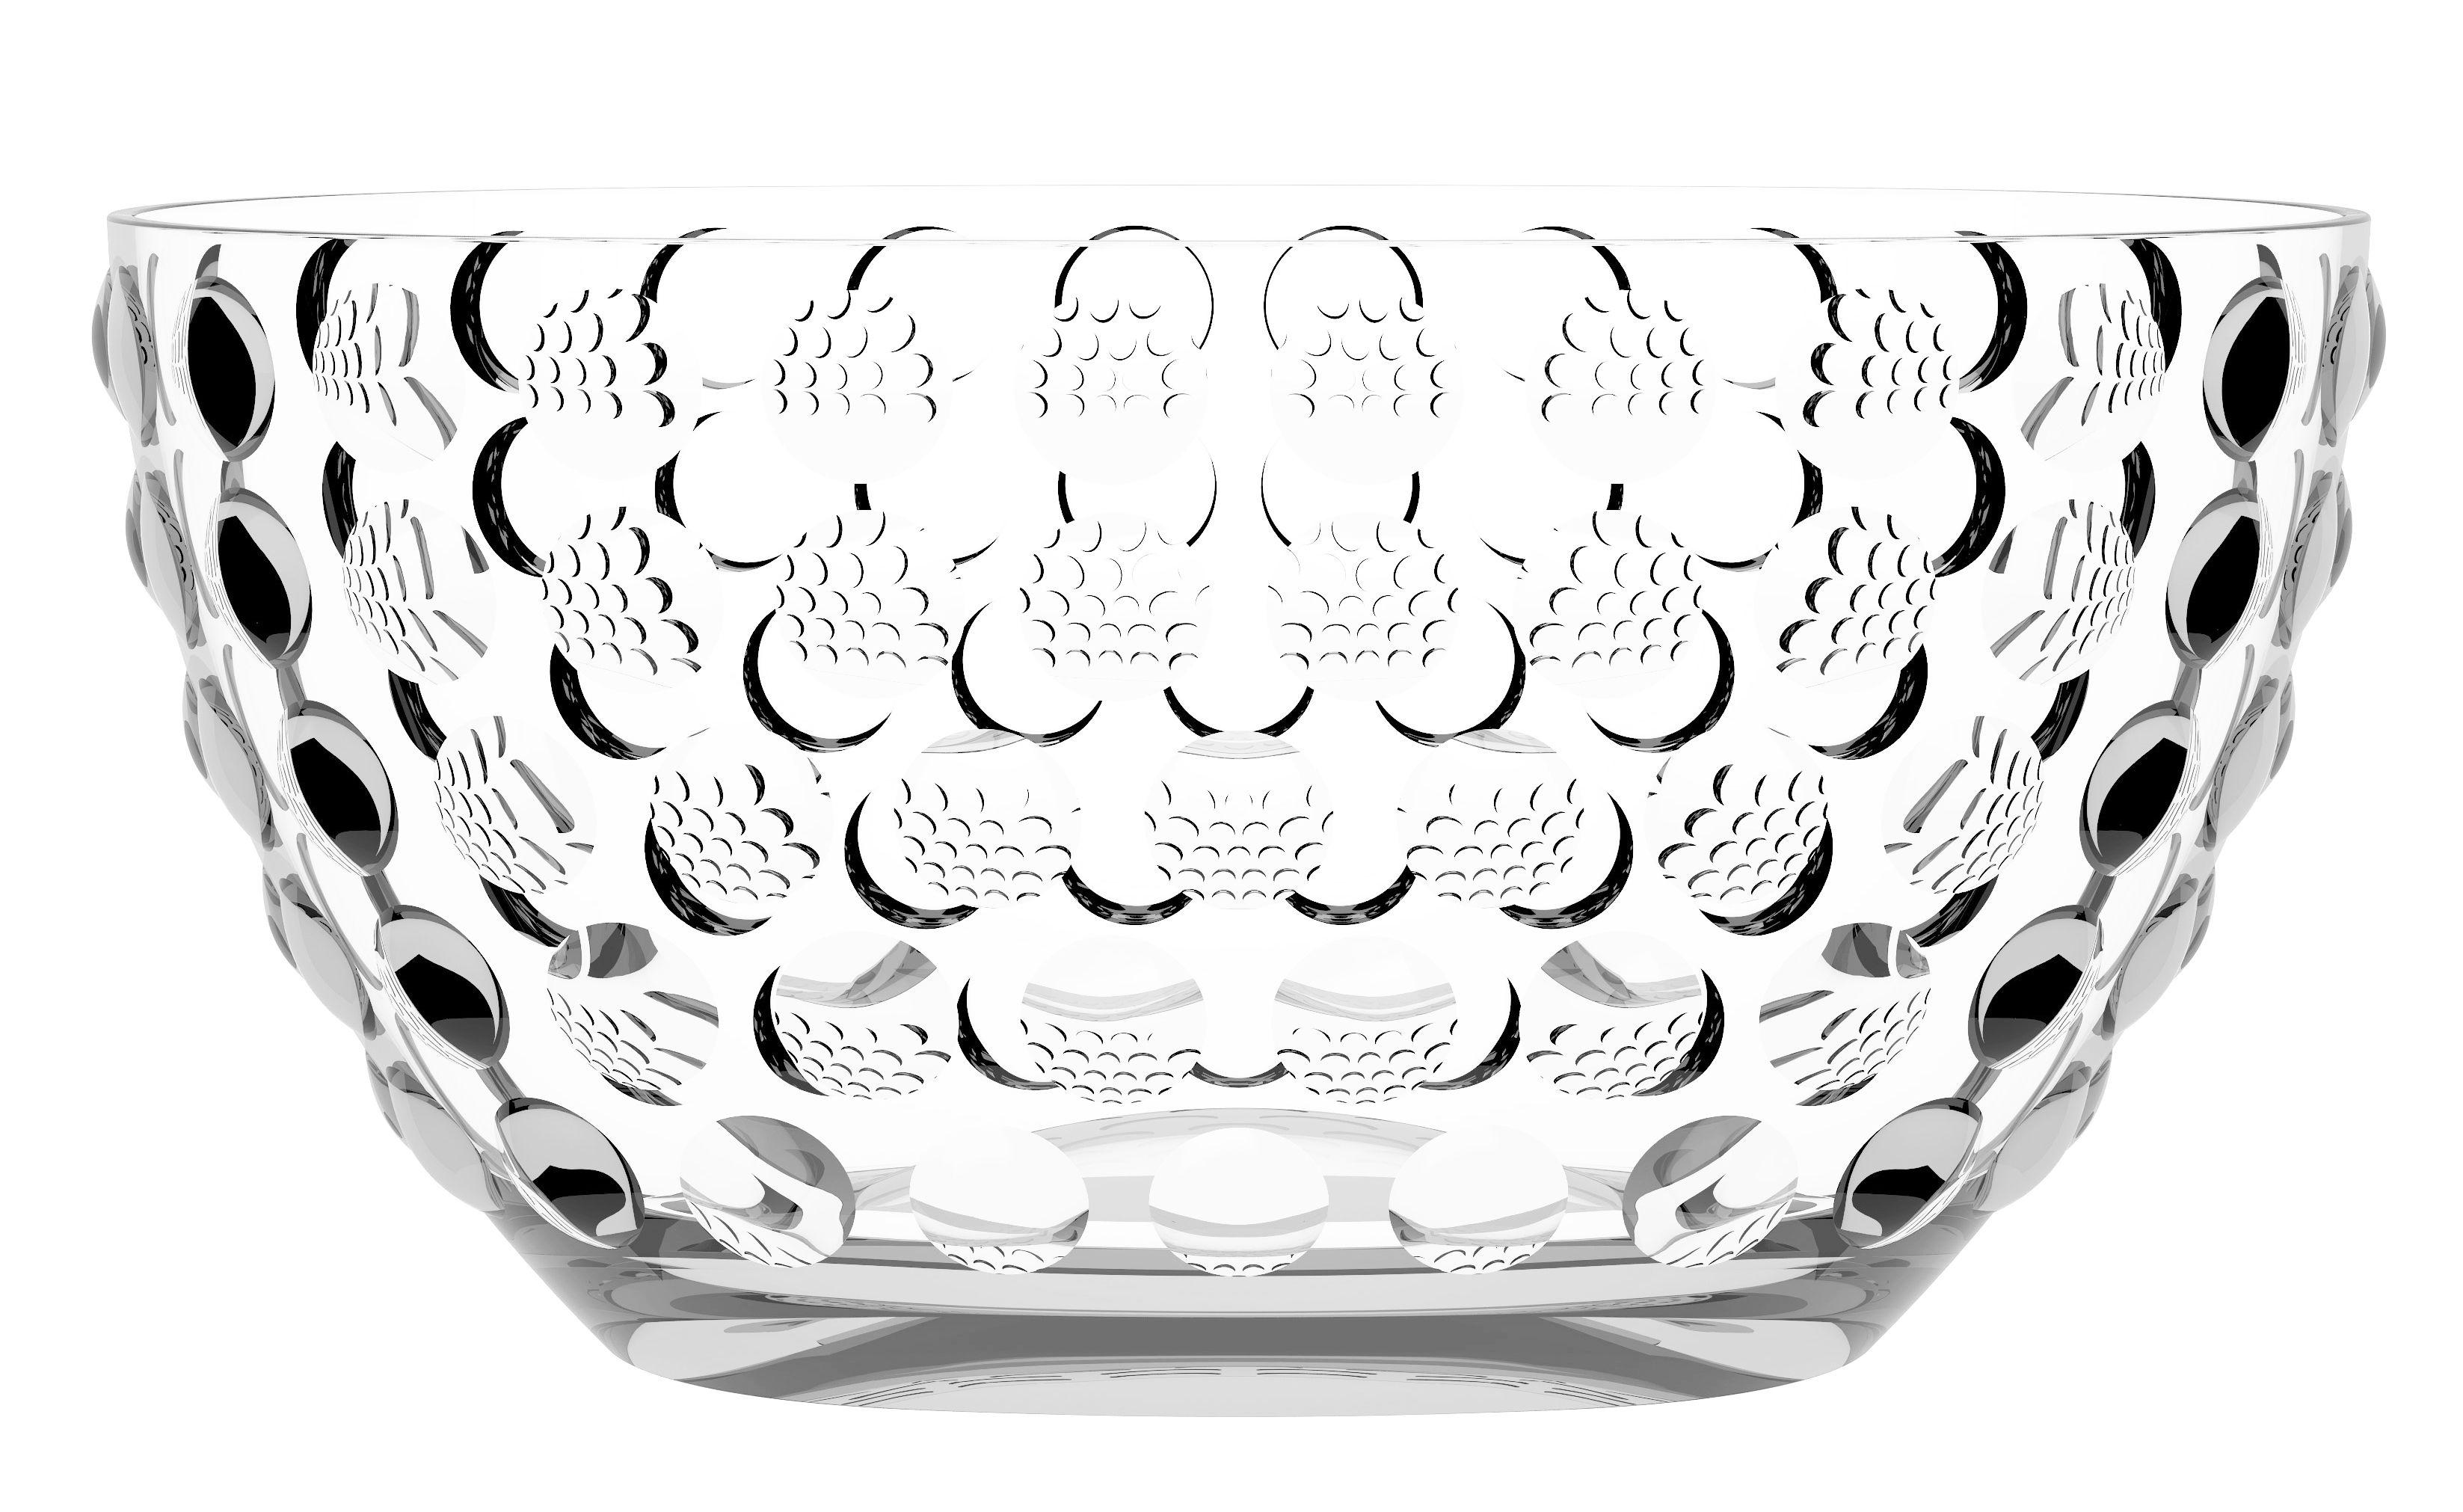 Tischkultur - Bar, Wein und Apéritif - Bolle Bowl Champagner-Kühler / Ø 46 cm - für 6 Flaschen - Italesse - Transparent - Acrylglas